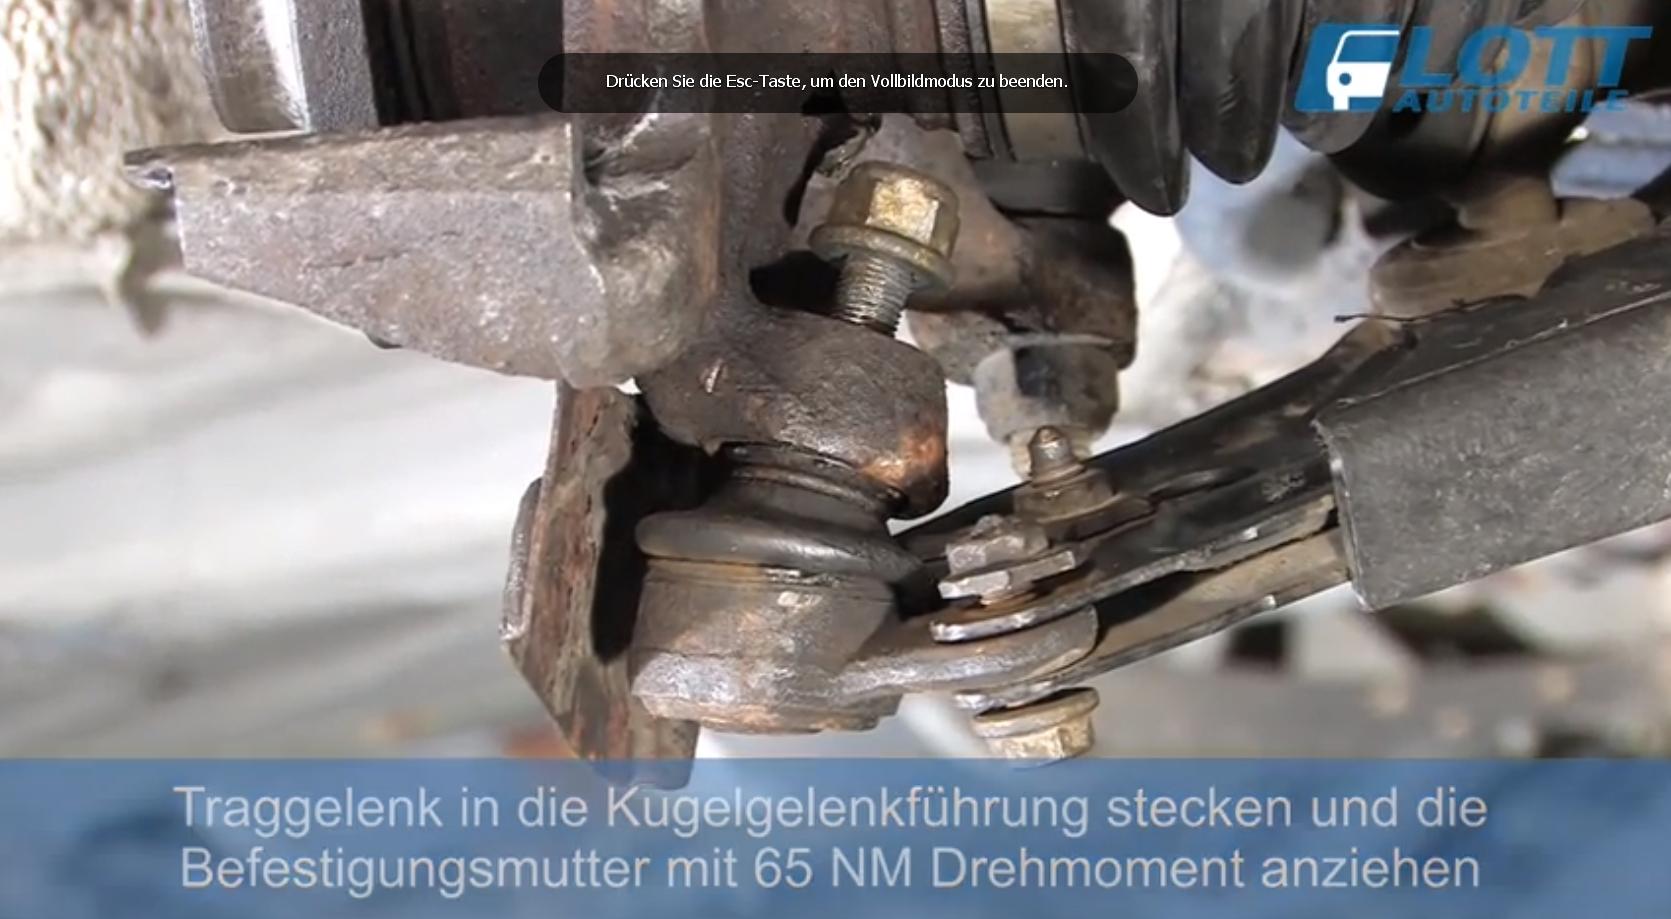 VW Lupo Traggelenkmutter mit 65 NM anziehen